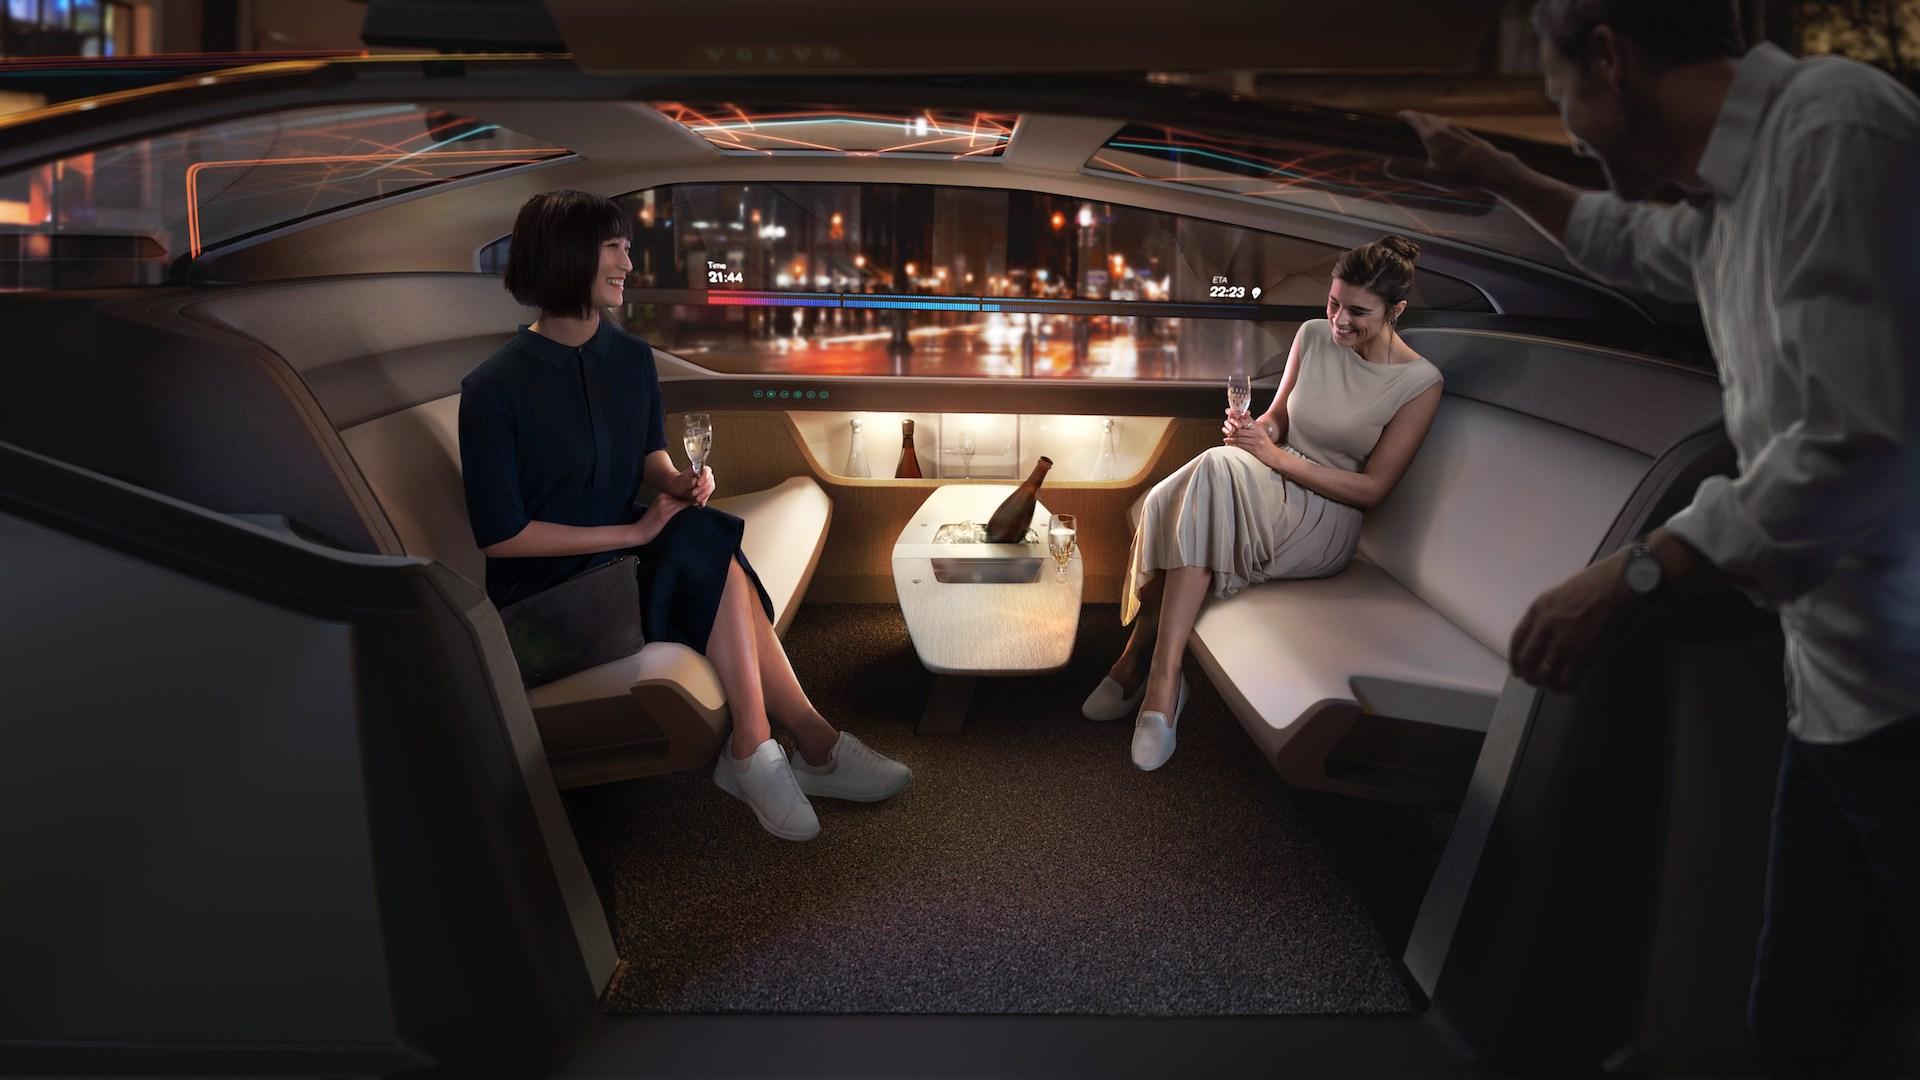 Samořízená auta v budoucnu možná nebudou mít volant vůbec (koncept Volvo 360c)